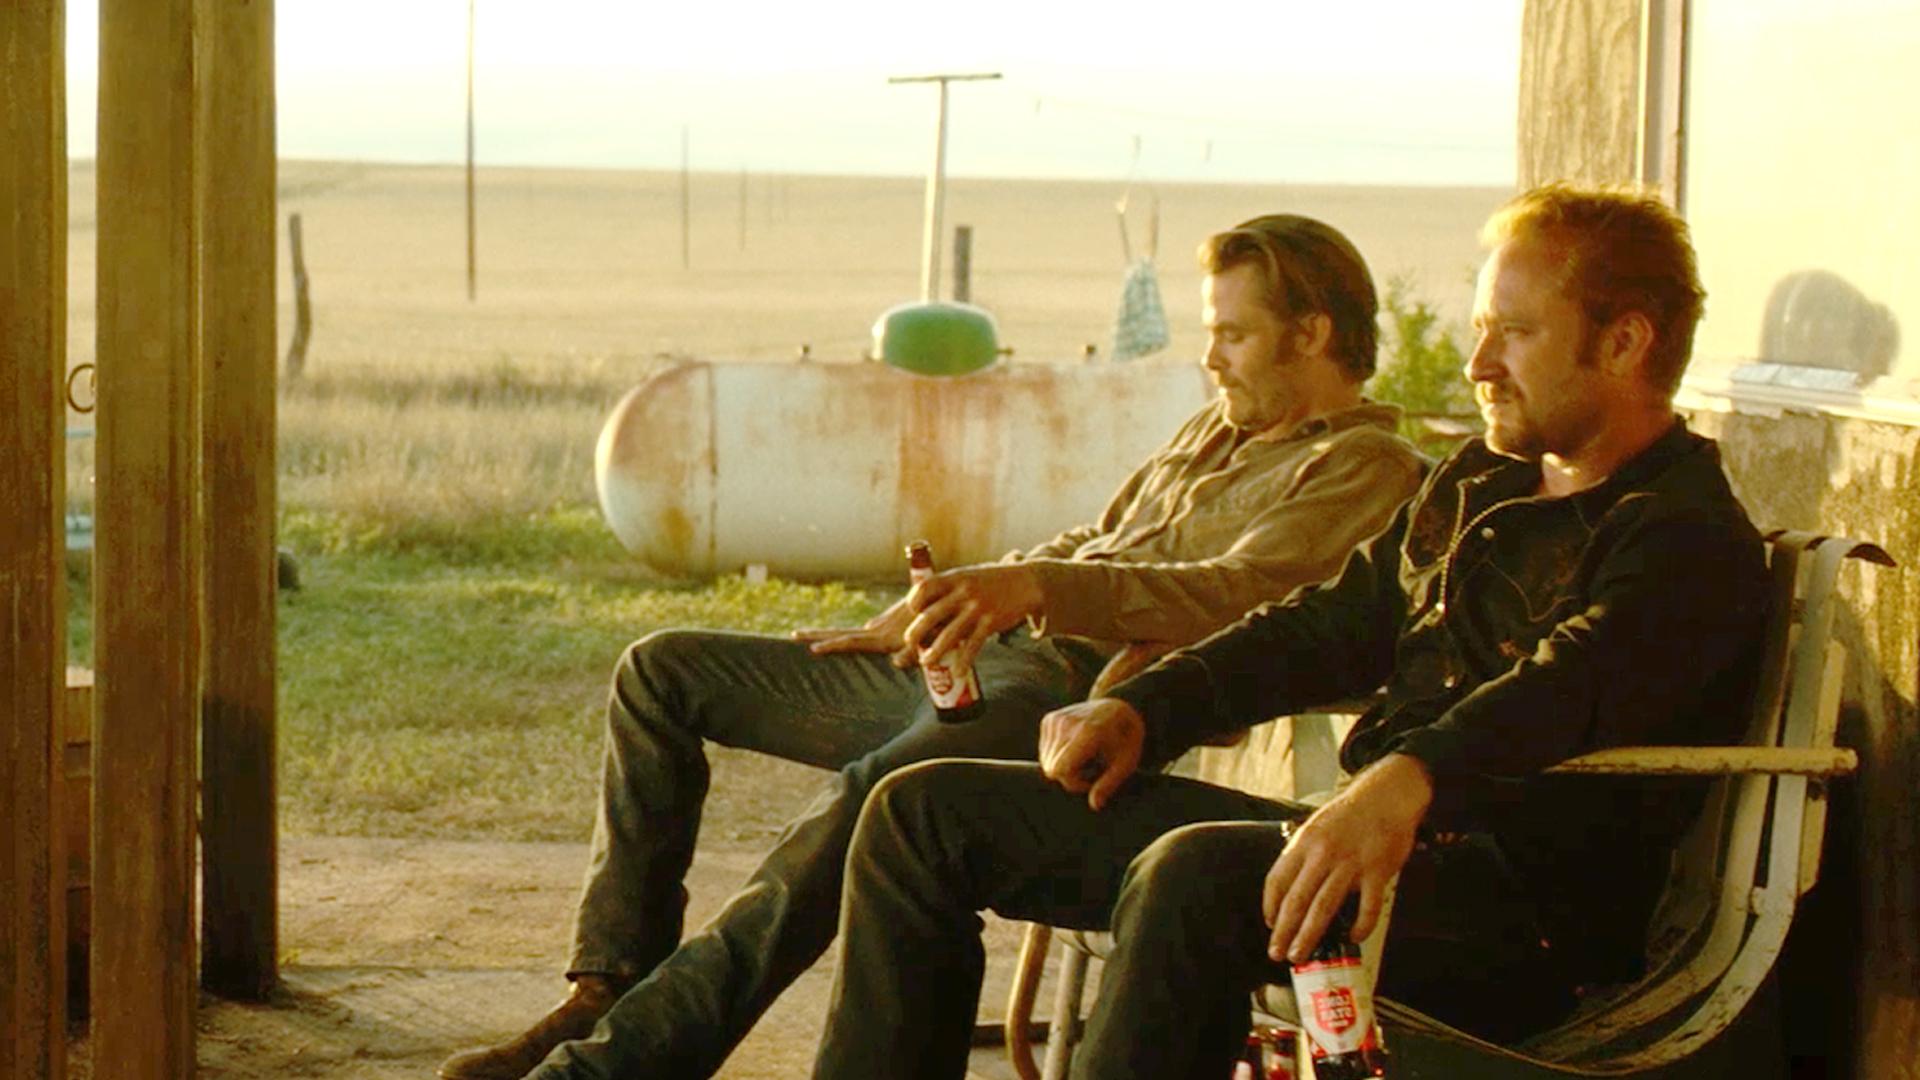 GODT SKUESPILL: Chris Pine og Ben Foster spiller hovedrollene i Hell or High Water.